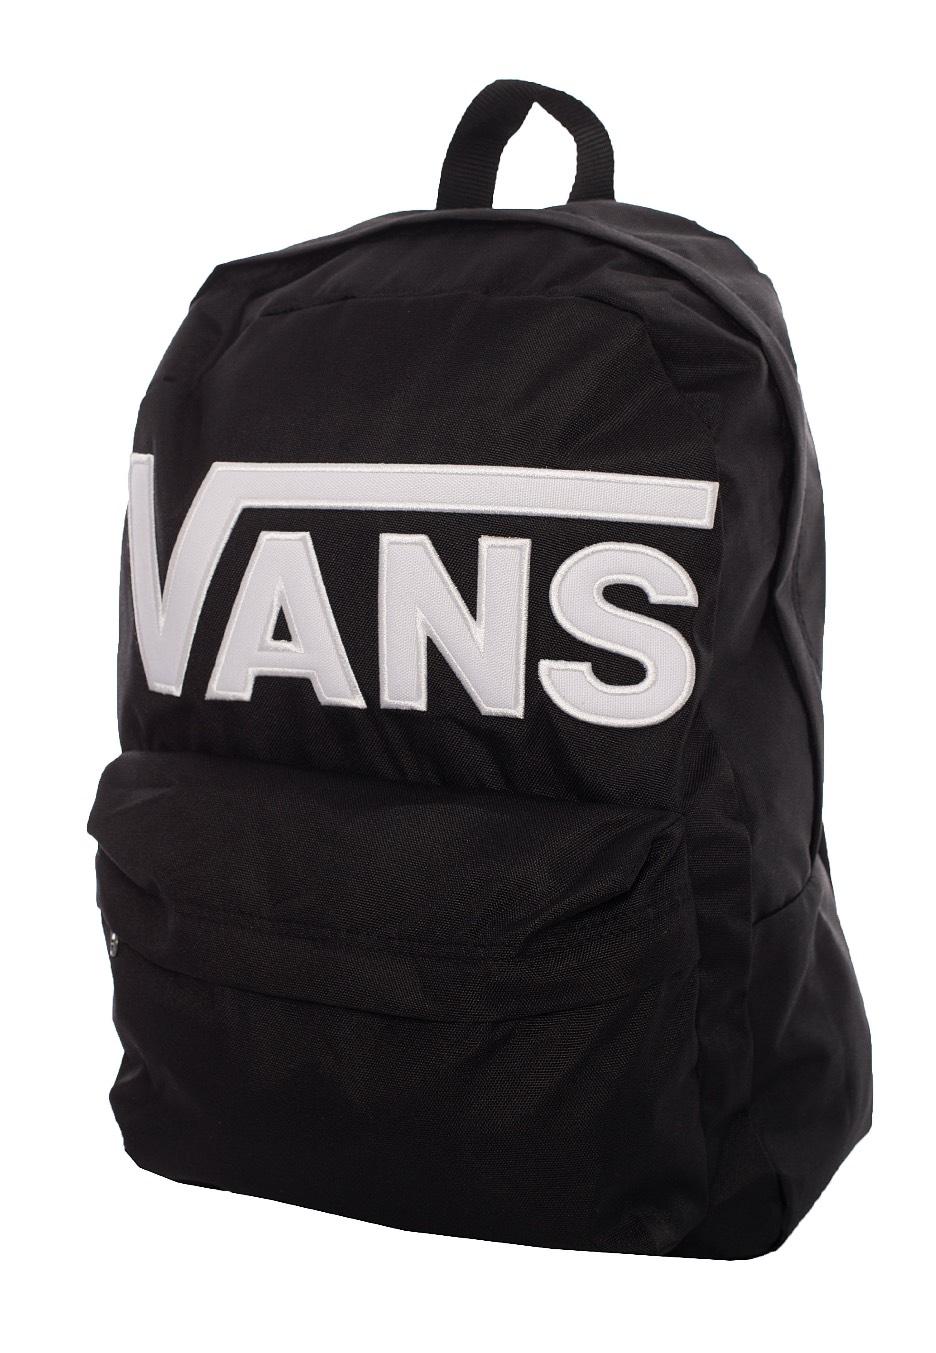 Vans - Old Skool III Black/White - Backpacks